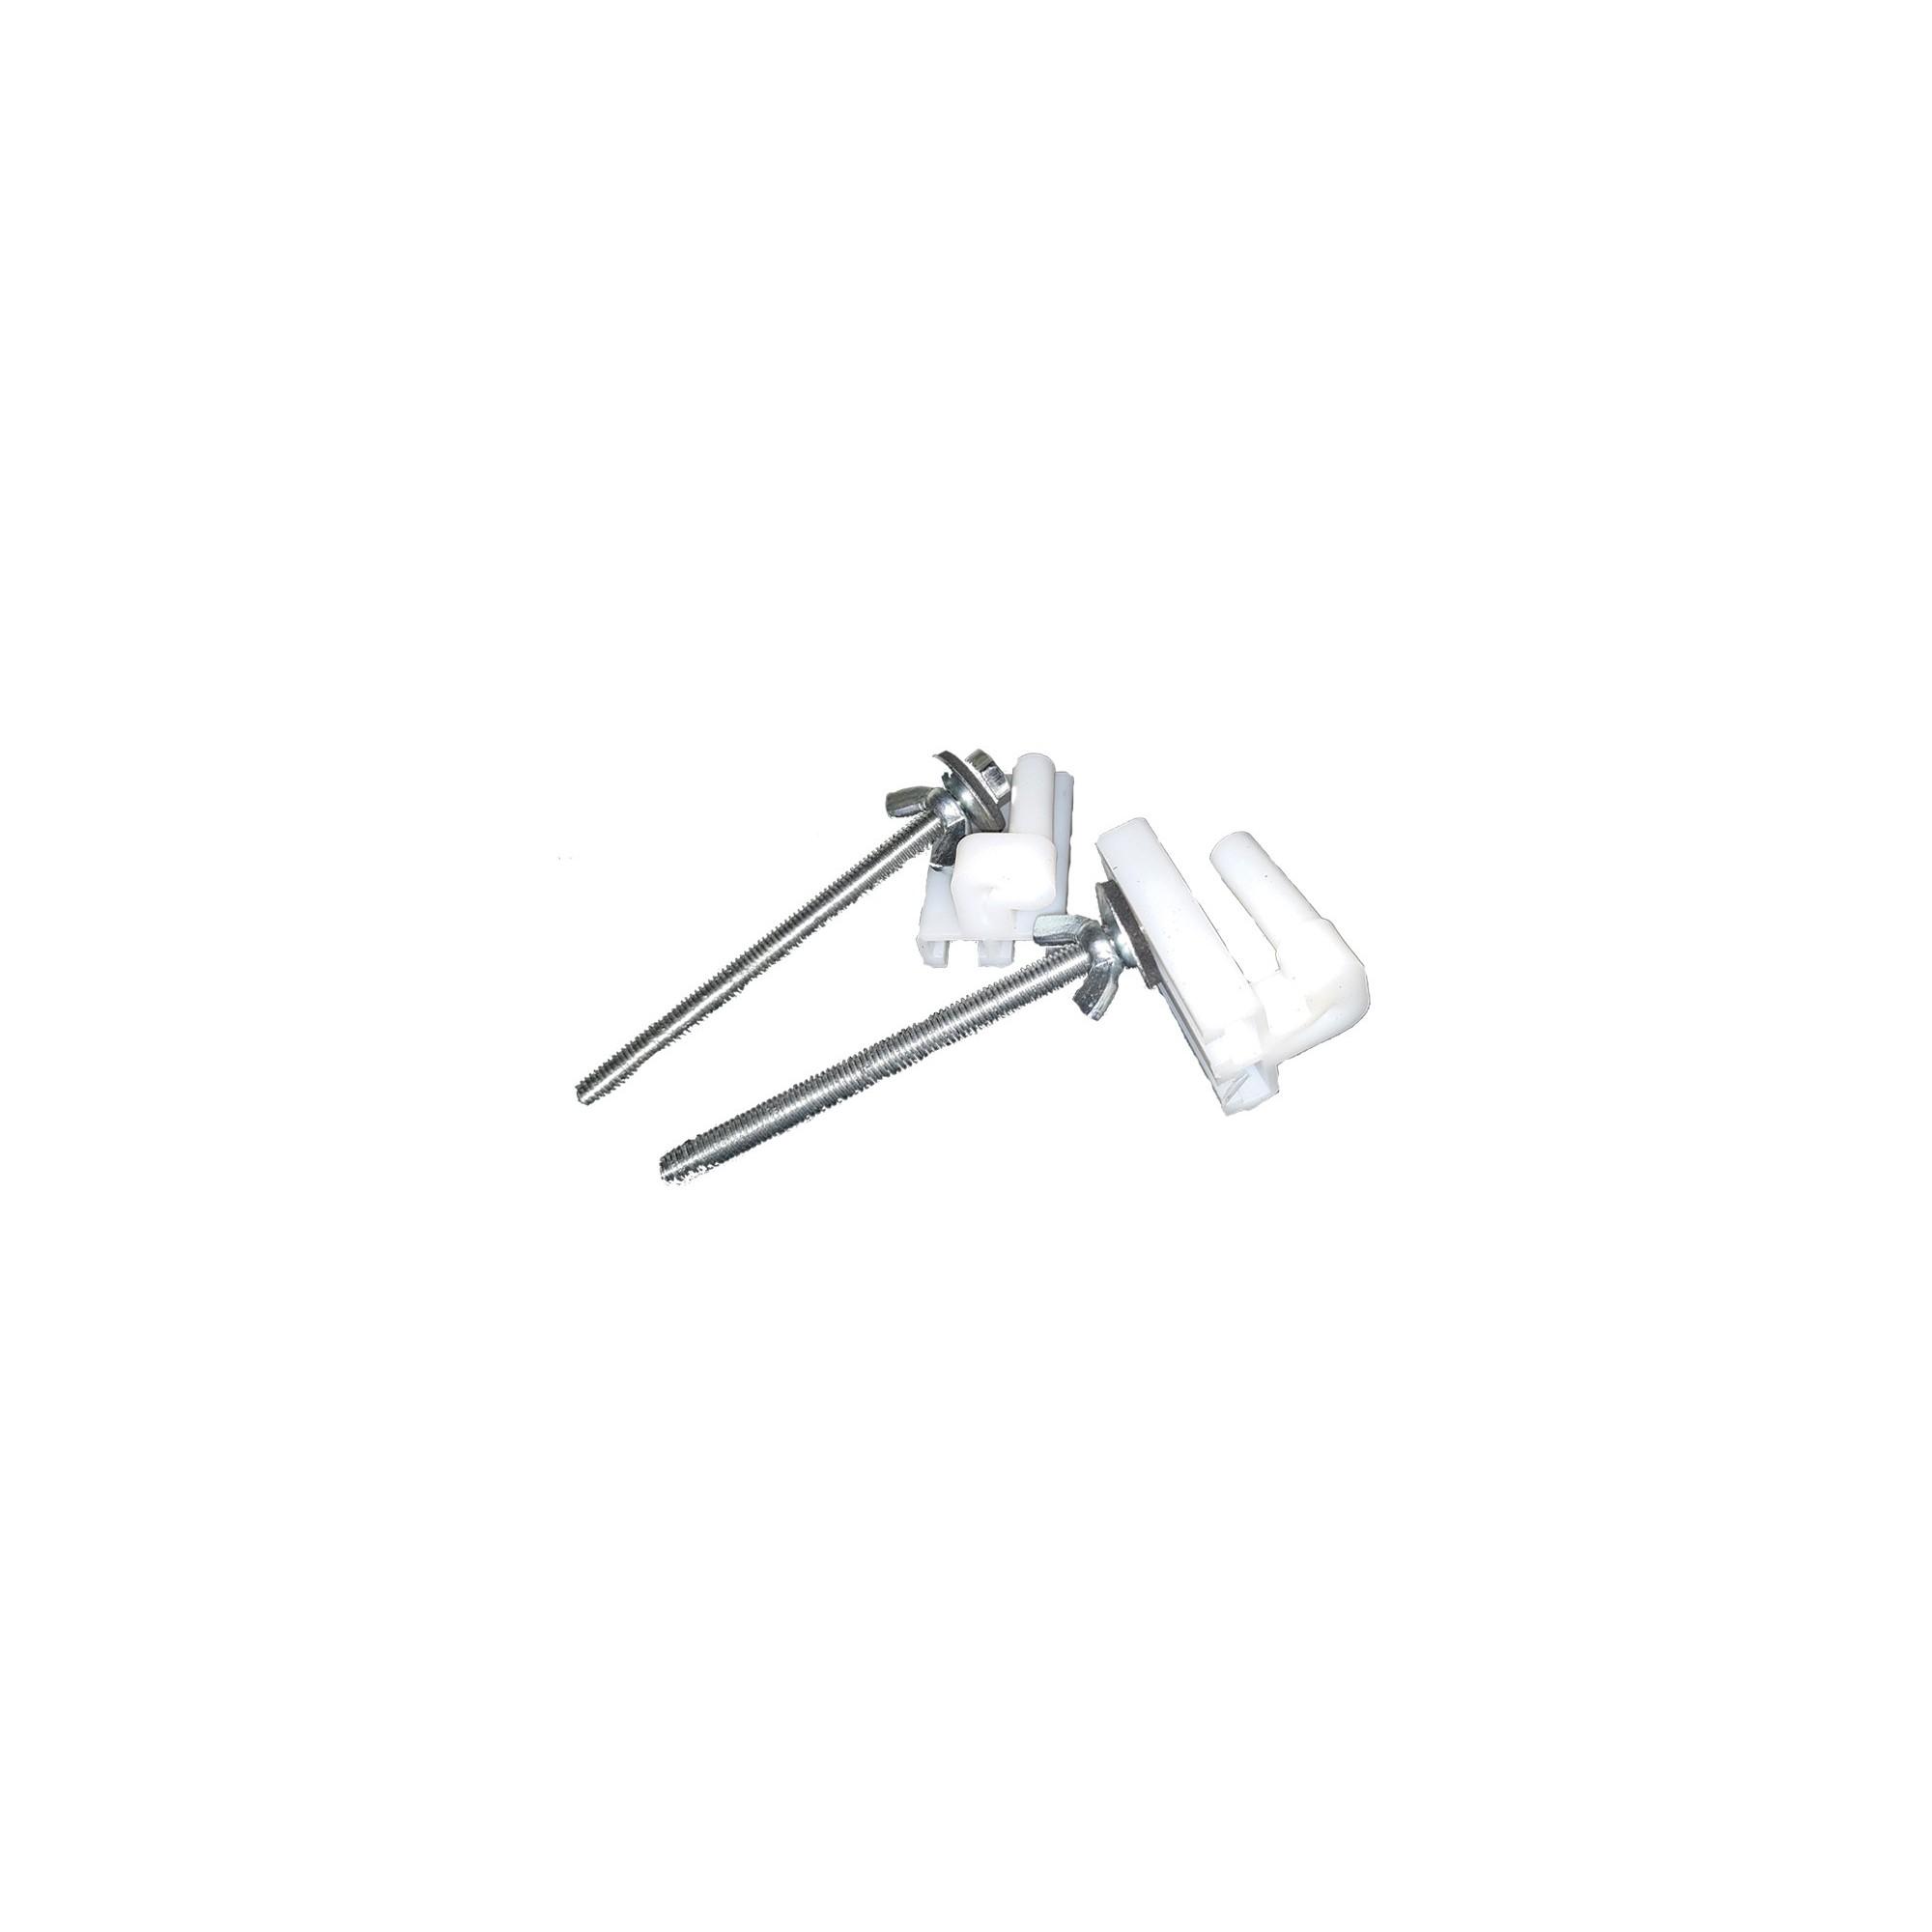 Крепление крышки унитаза железный (длинный) болт-90мм(С3-Д) (10шт)  - 1